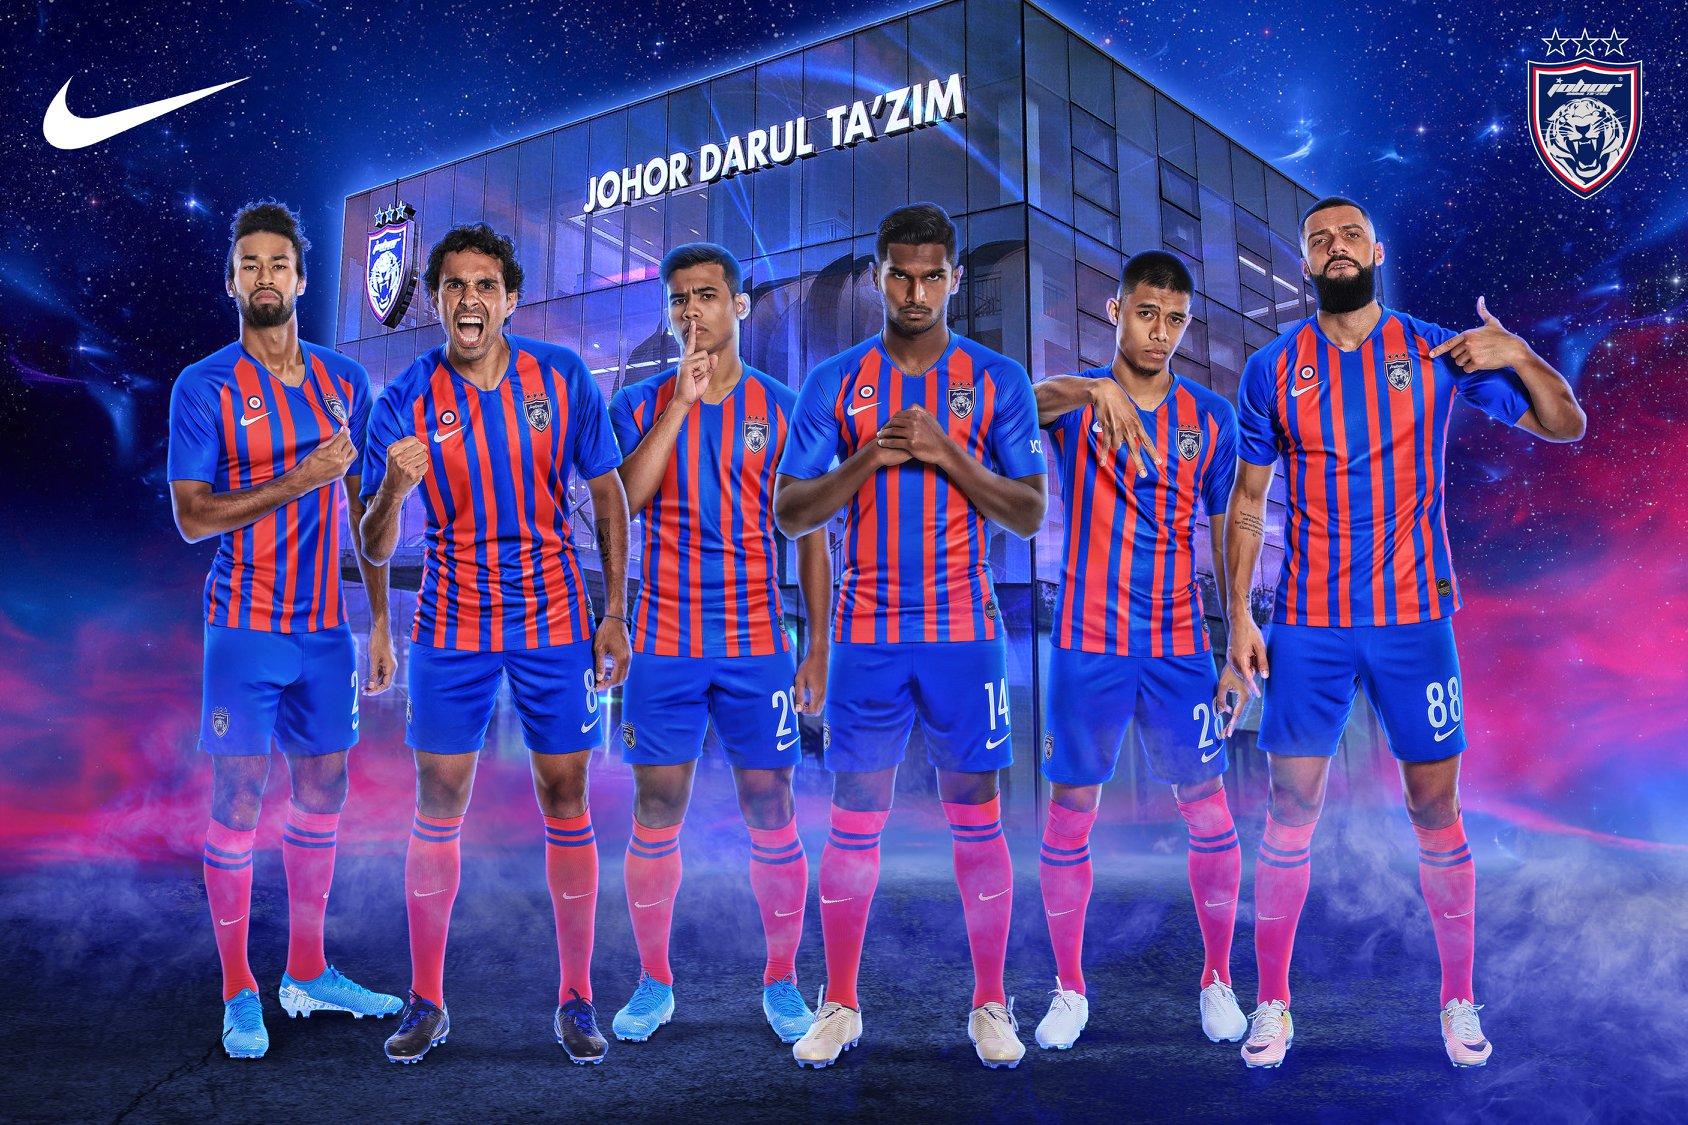 home-jersey-2020-johor-darul-tazim_1h7evn1mrmzhf10hhpq0ce0cgq